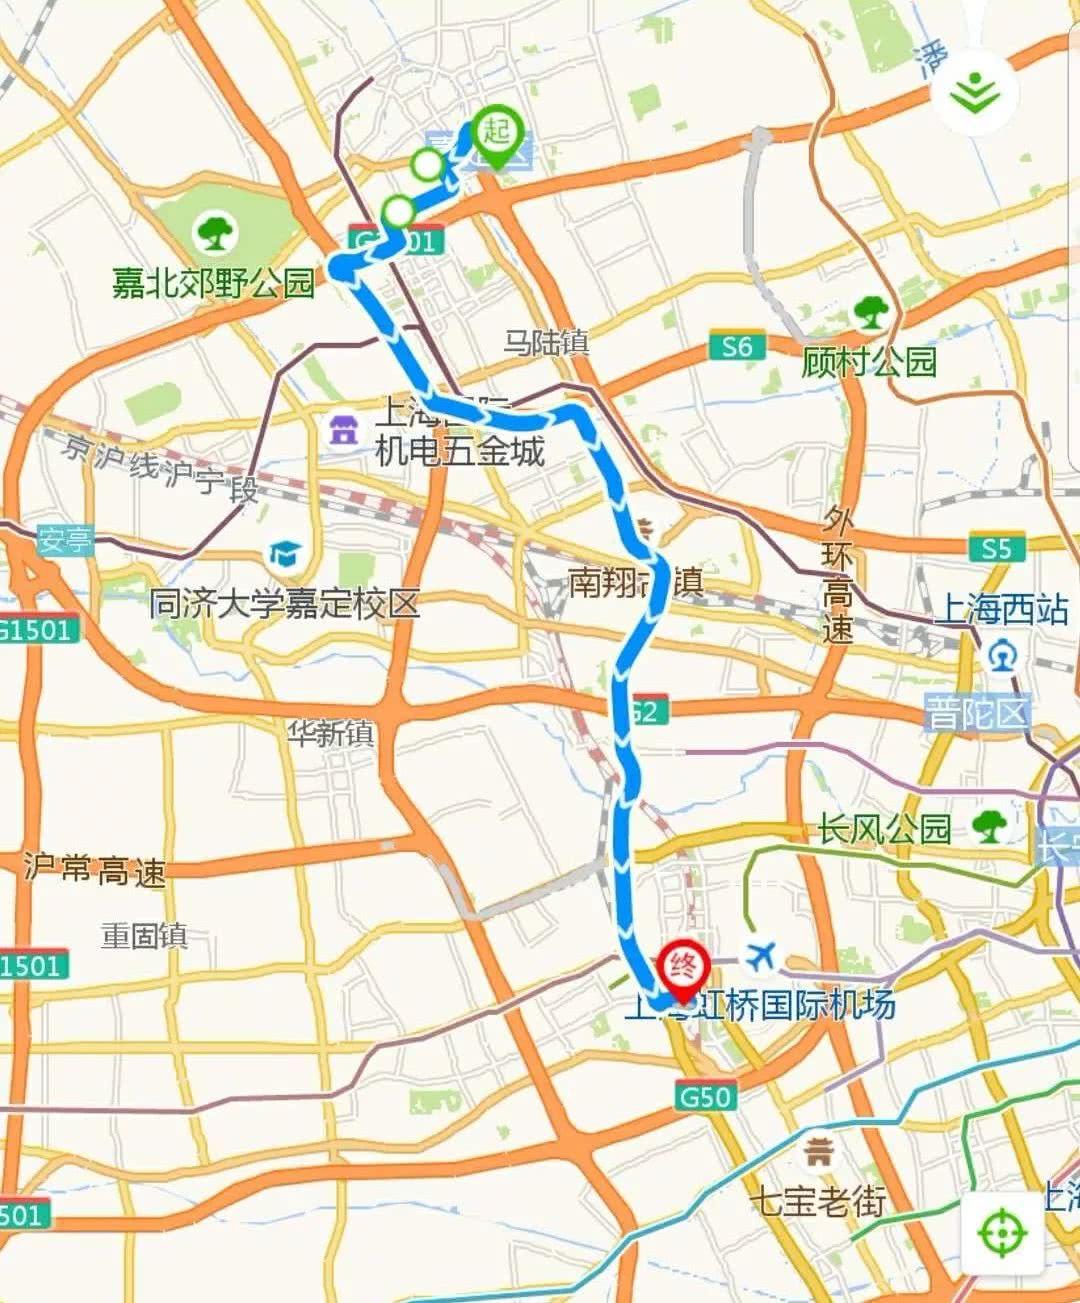 上海虹桥站